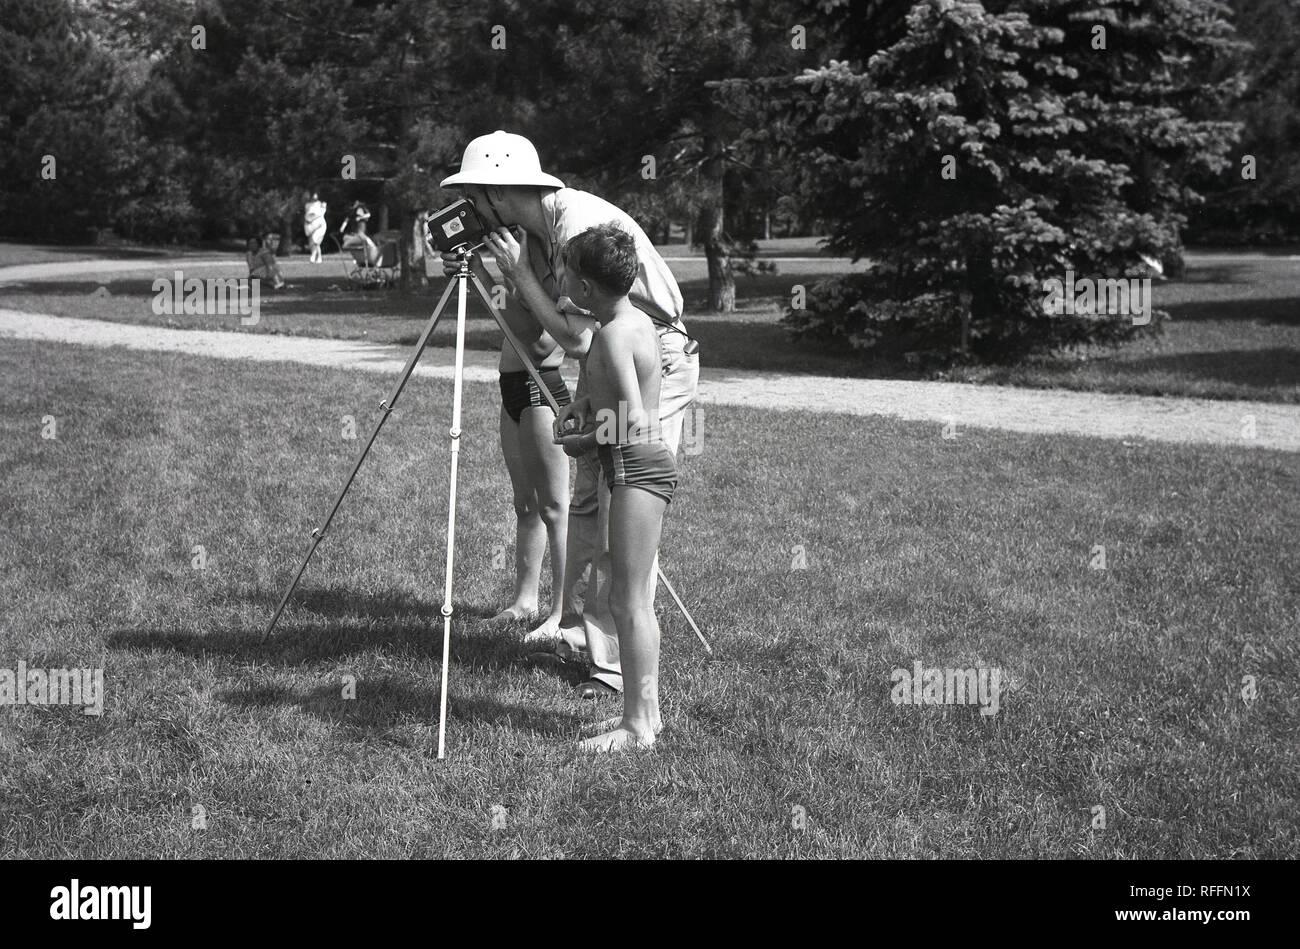 1950s, históricos, dos chicos jóvenes en trajes de pie por un hombre con un trípode grabando con una película en casa o cine-cámara en un parque. En esta época. o para grabar los momentos en familia con una pequeña cámara de cine portátil era un pasatiempo muy popular y hay muchos formatos diferentes y cámaras disponibles. Imagen De Stock